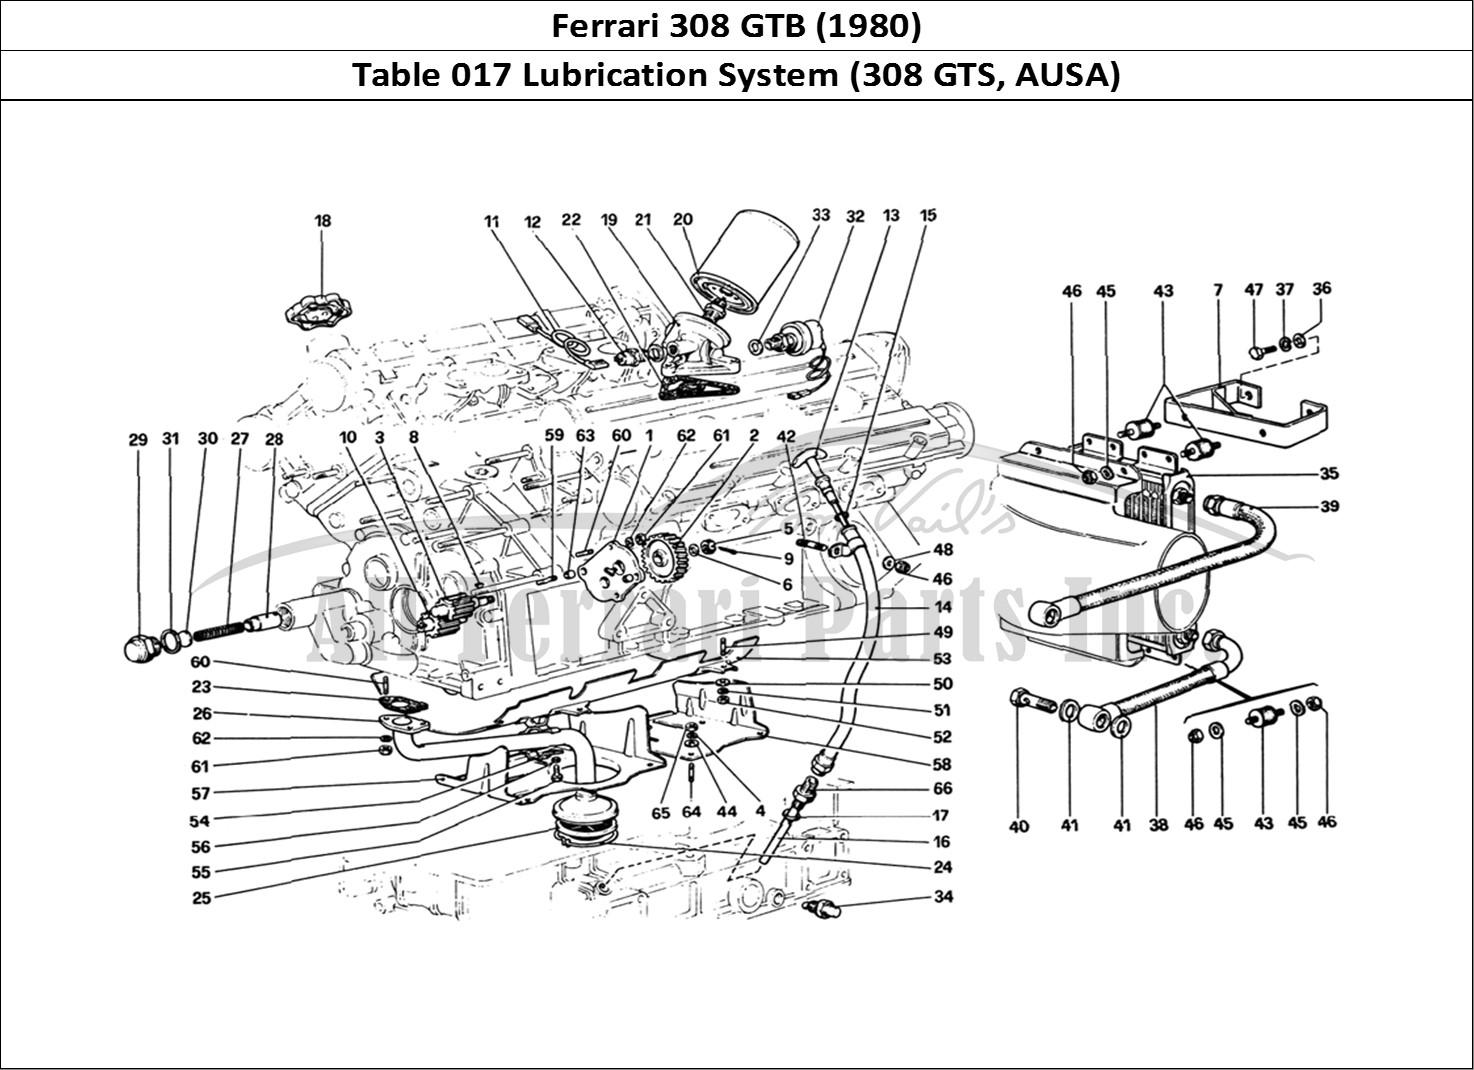 Buy original Ferrari 308 GTB (1980) 017 Lubrication System